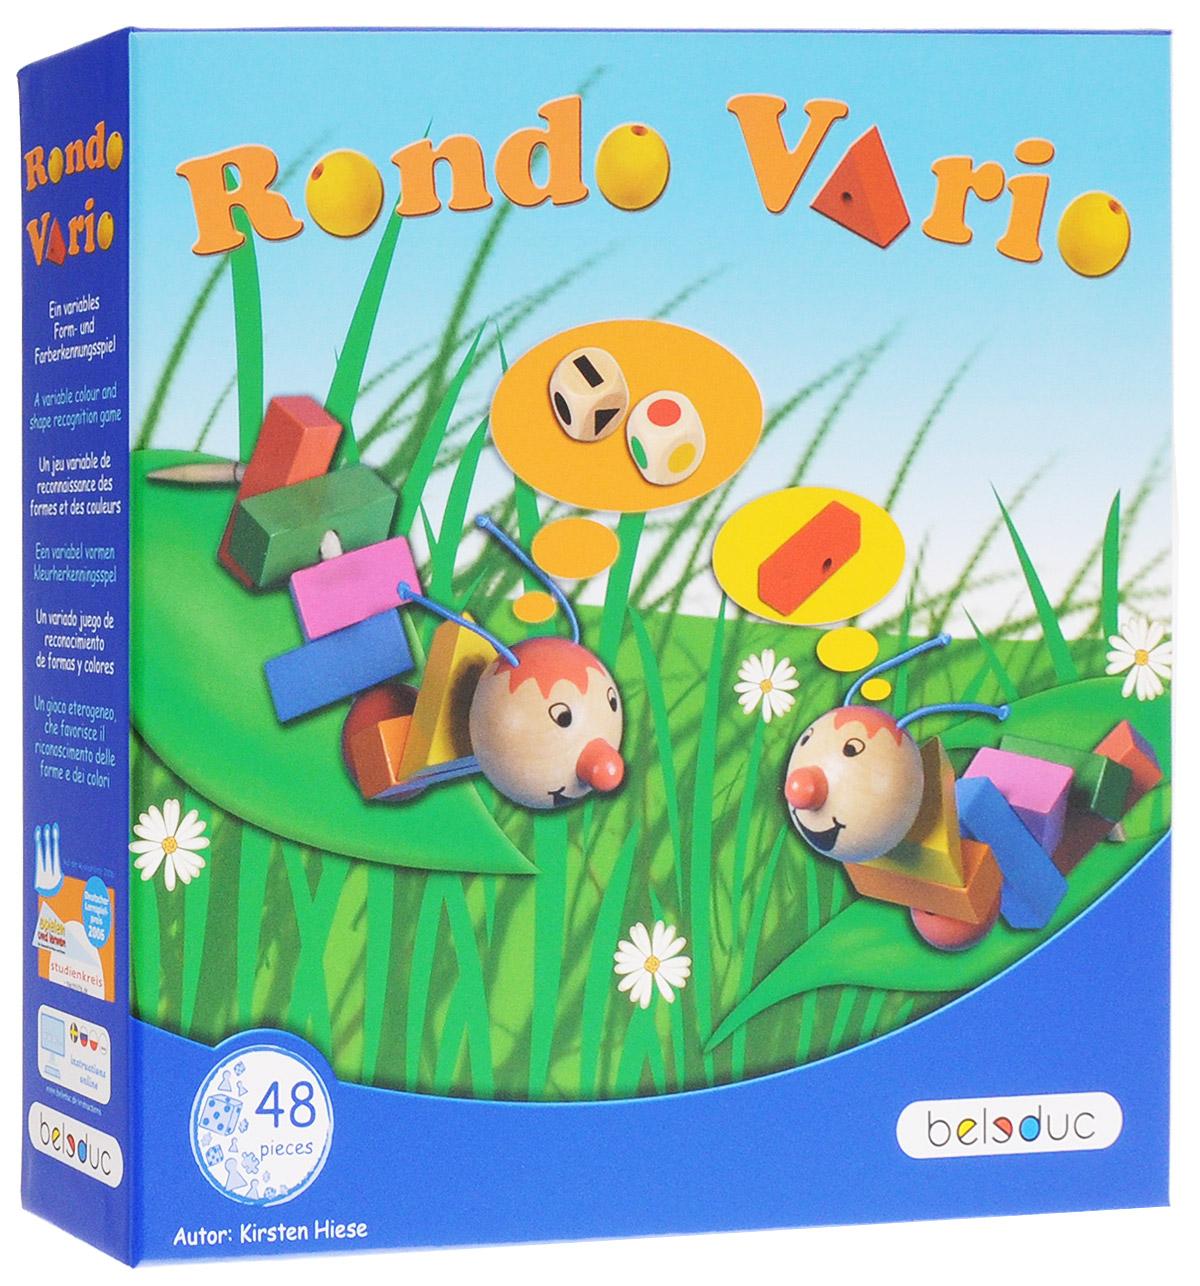 Beleduc Обучающая игра Рондо Варио 2239122391Обучающая игра Beleduc Рондо Варио, в которую можно играть самыми разными способами, понравится как малышам, так и детям постарше. В процессе игры малыши развивают мелкую моторику, а дети постарше - быстроту реакции. Игроки также изучают цвета и формы. Маленькие гусеницы очень взволнованы, ведь сегодня им предстоит примерить новые разноцветные наряды. Выбор очень велик, ведь перед ними так много различных цветов и форм! Так непросто выбрать из такого изобилия! И вот гусеницы решают бросить кость, чтобы выбрать себе новый наряд. Одна часть наряда присоединяется к другой, в зависимости от того, как упадут две кости. Перед тем как выбрать элемент, будьте внимательны: важно подобрать правильную форму и правильный цвет. Игру начинает младший игрок, выбрасывая две кости. Одна кость указывает цвет, а другая - геометрическую фигуру. Игрок должен найти точное соответствие выпавшим значениям на столе: например, если выпал желтый цвет и круг, игрок должен найти на столе желтый шарик....